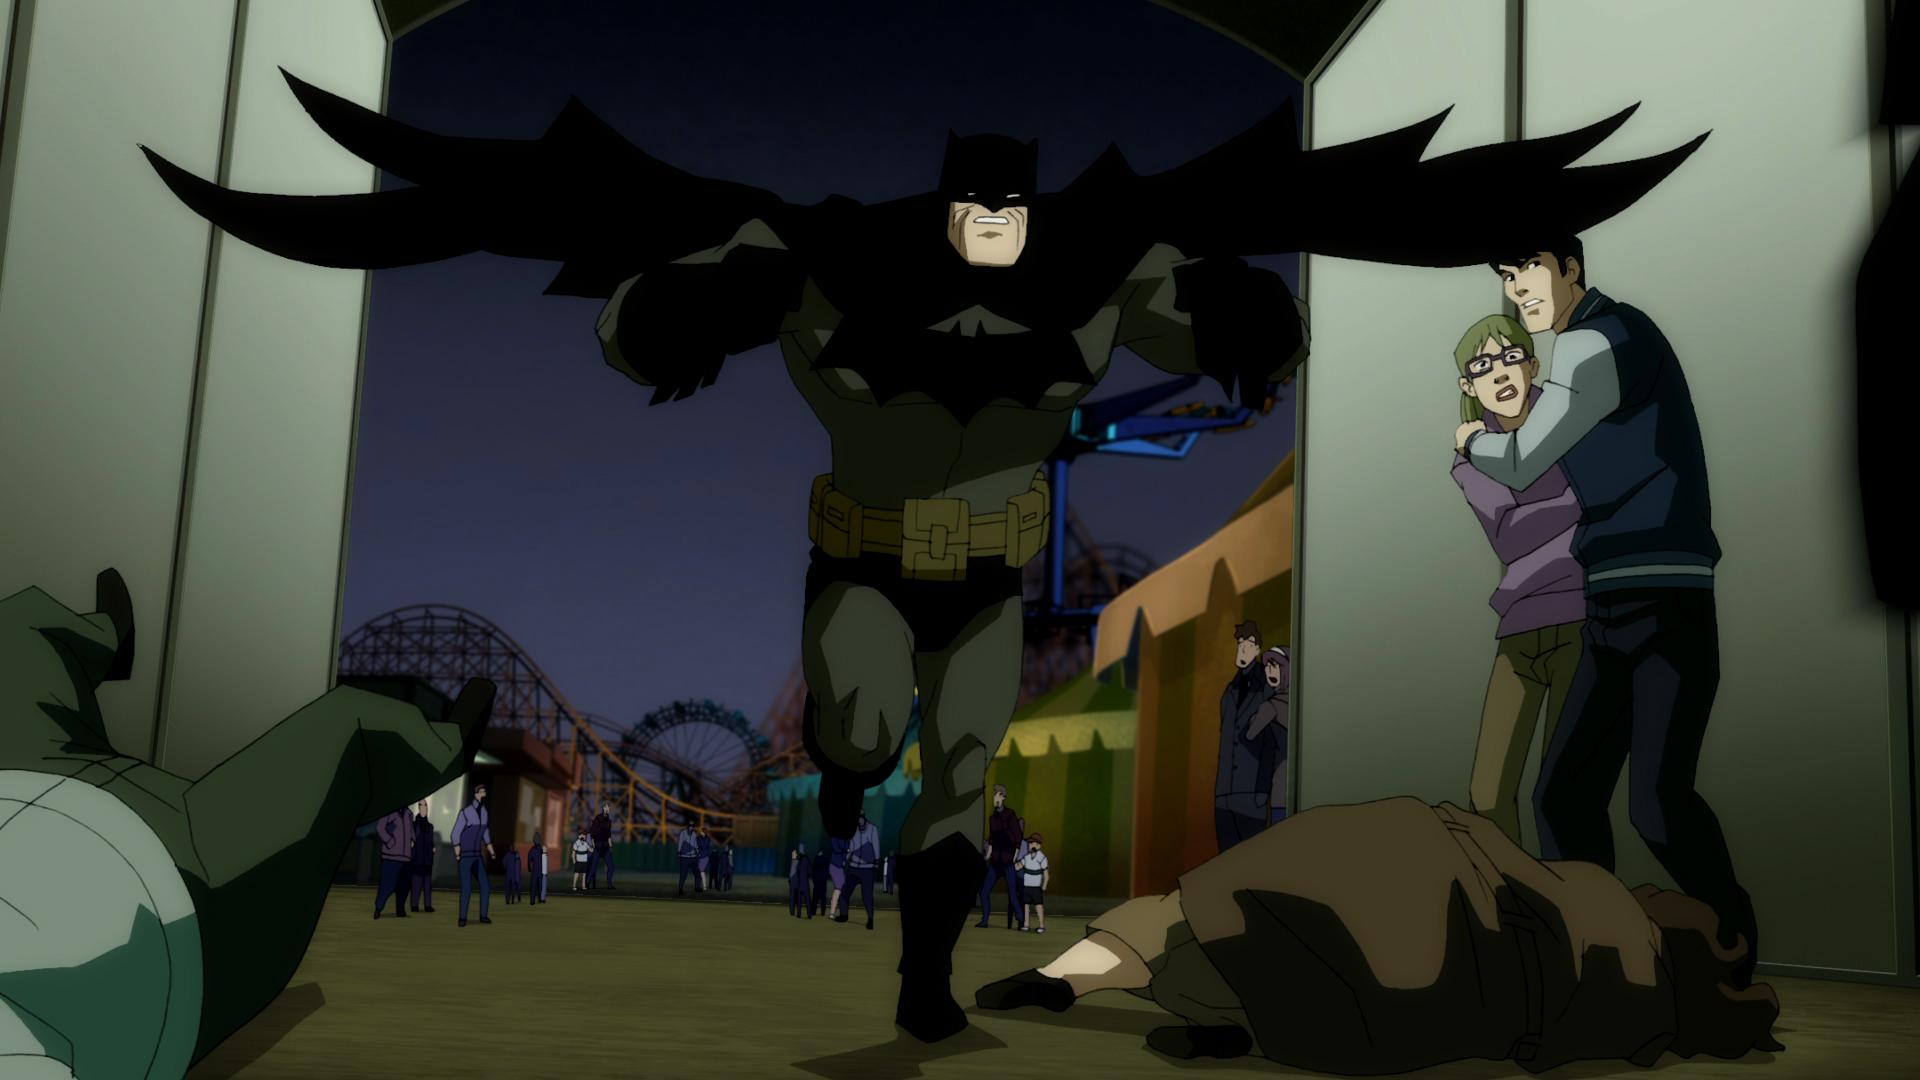 1920x1080 > Batman: The Dark Knight Returns Wallpapers